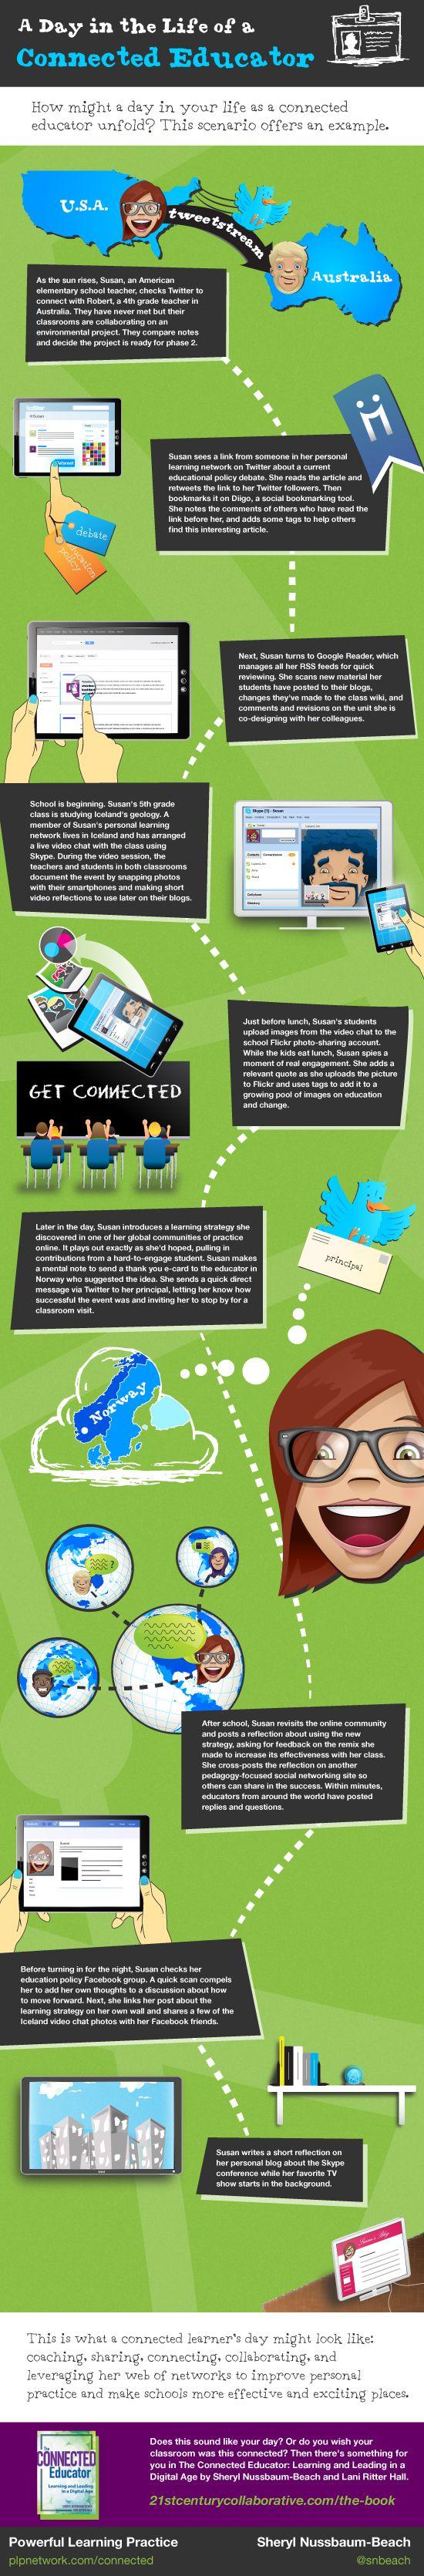 Un día en la vida de un educador conectado #infografia #infographic #education